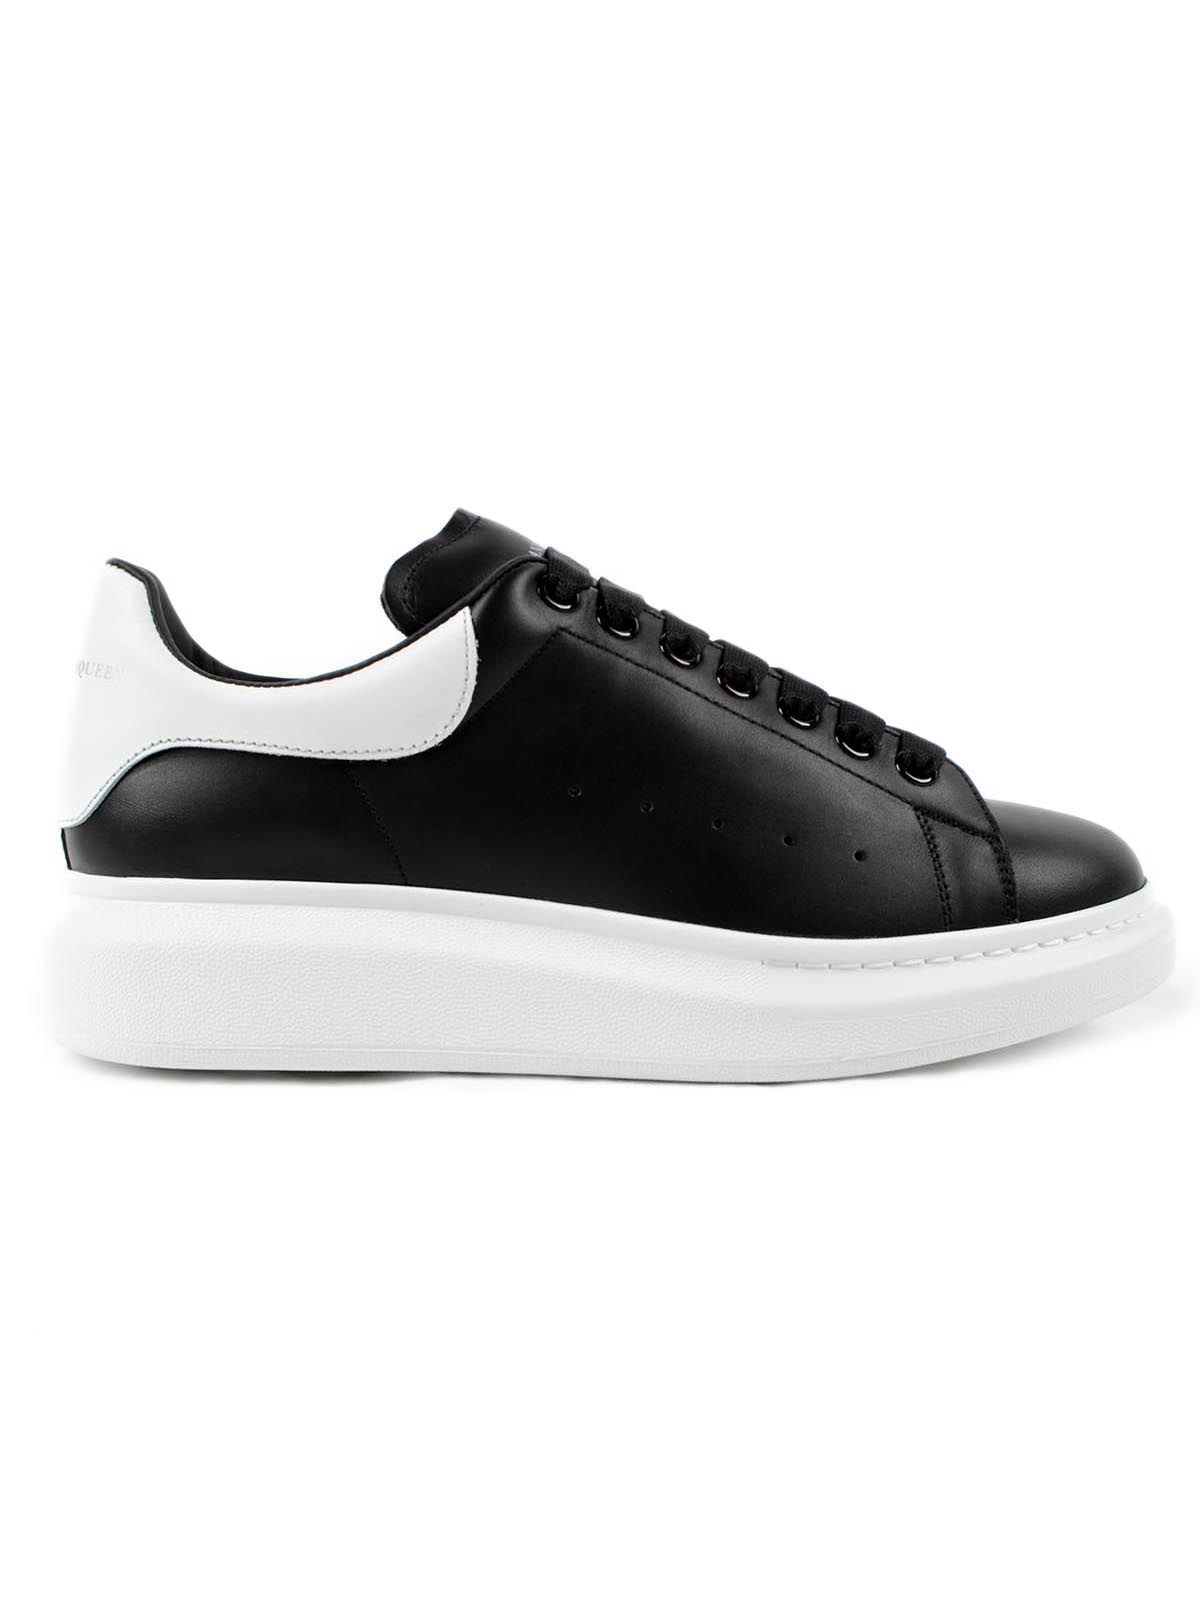 Totes Shoes Men